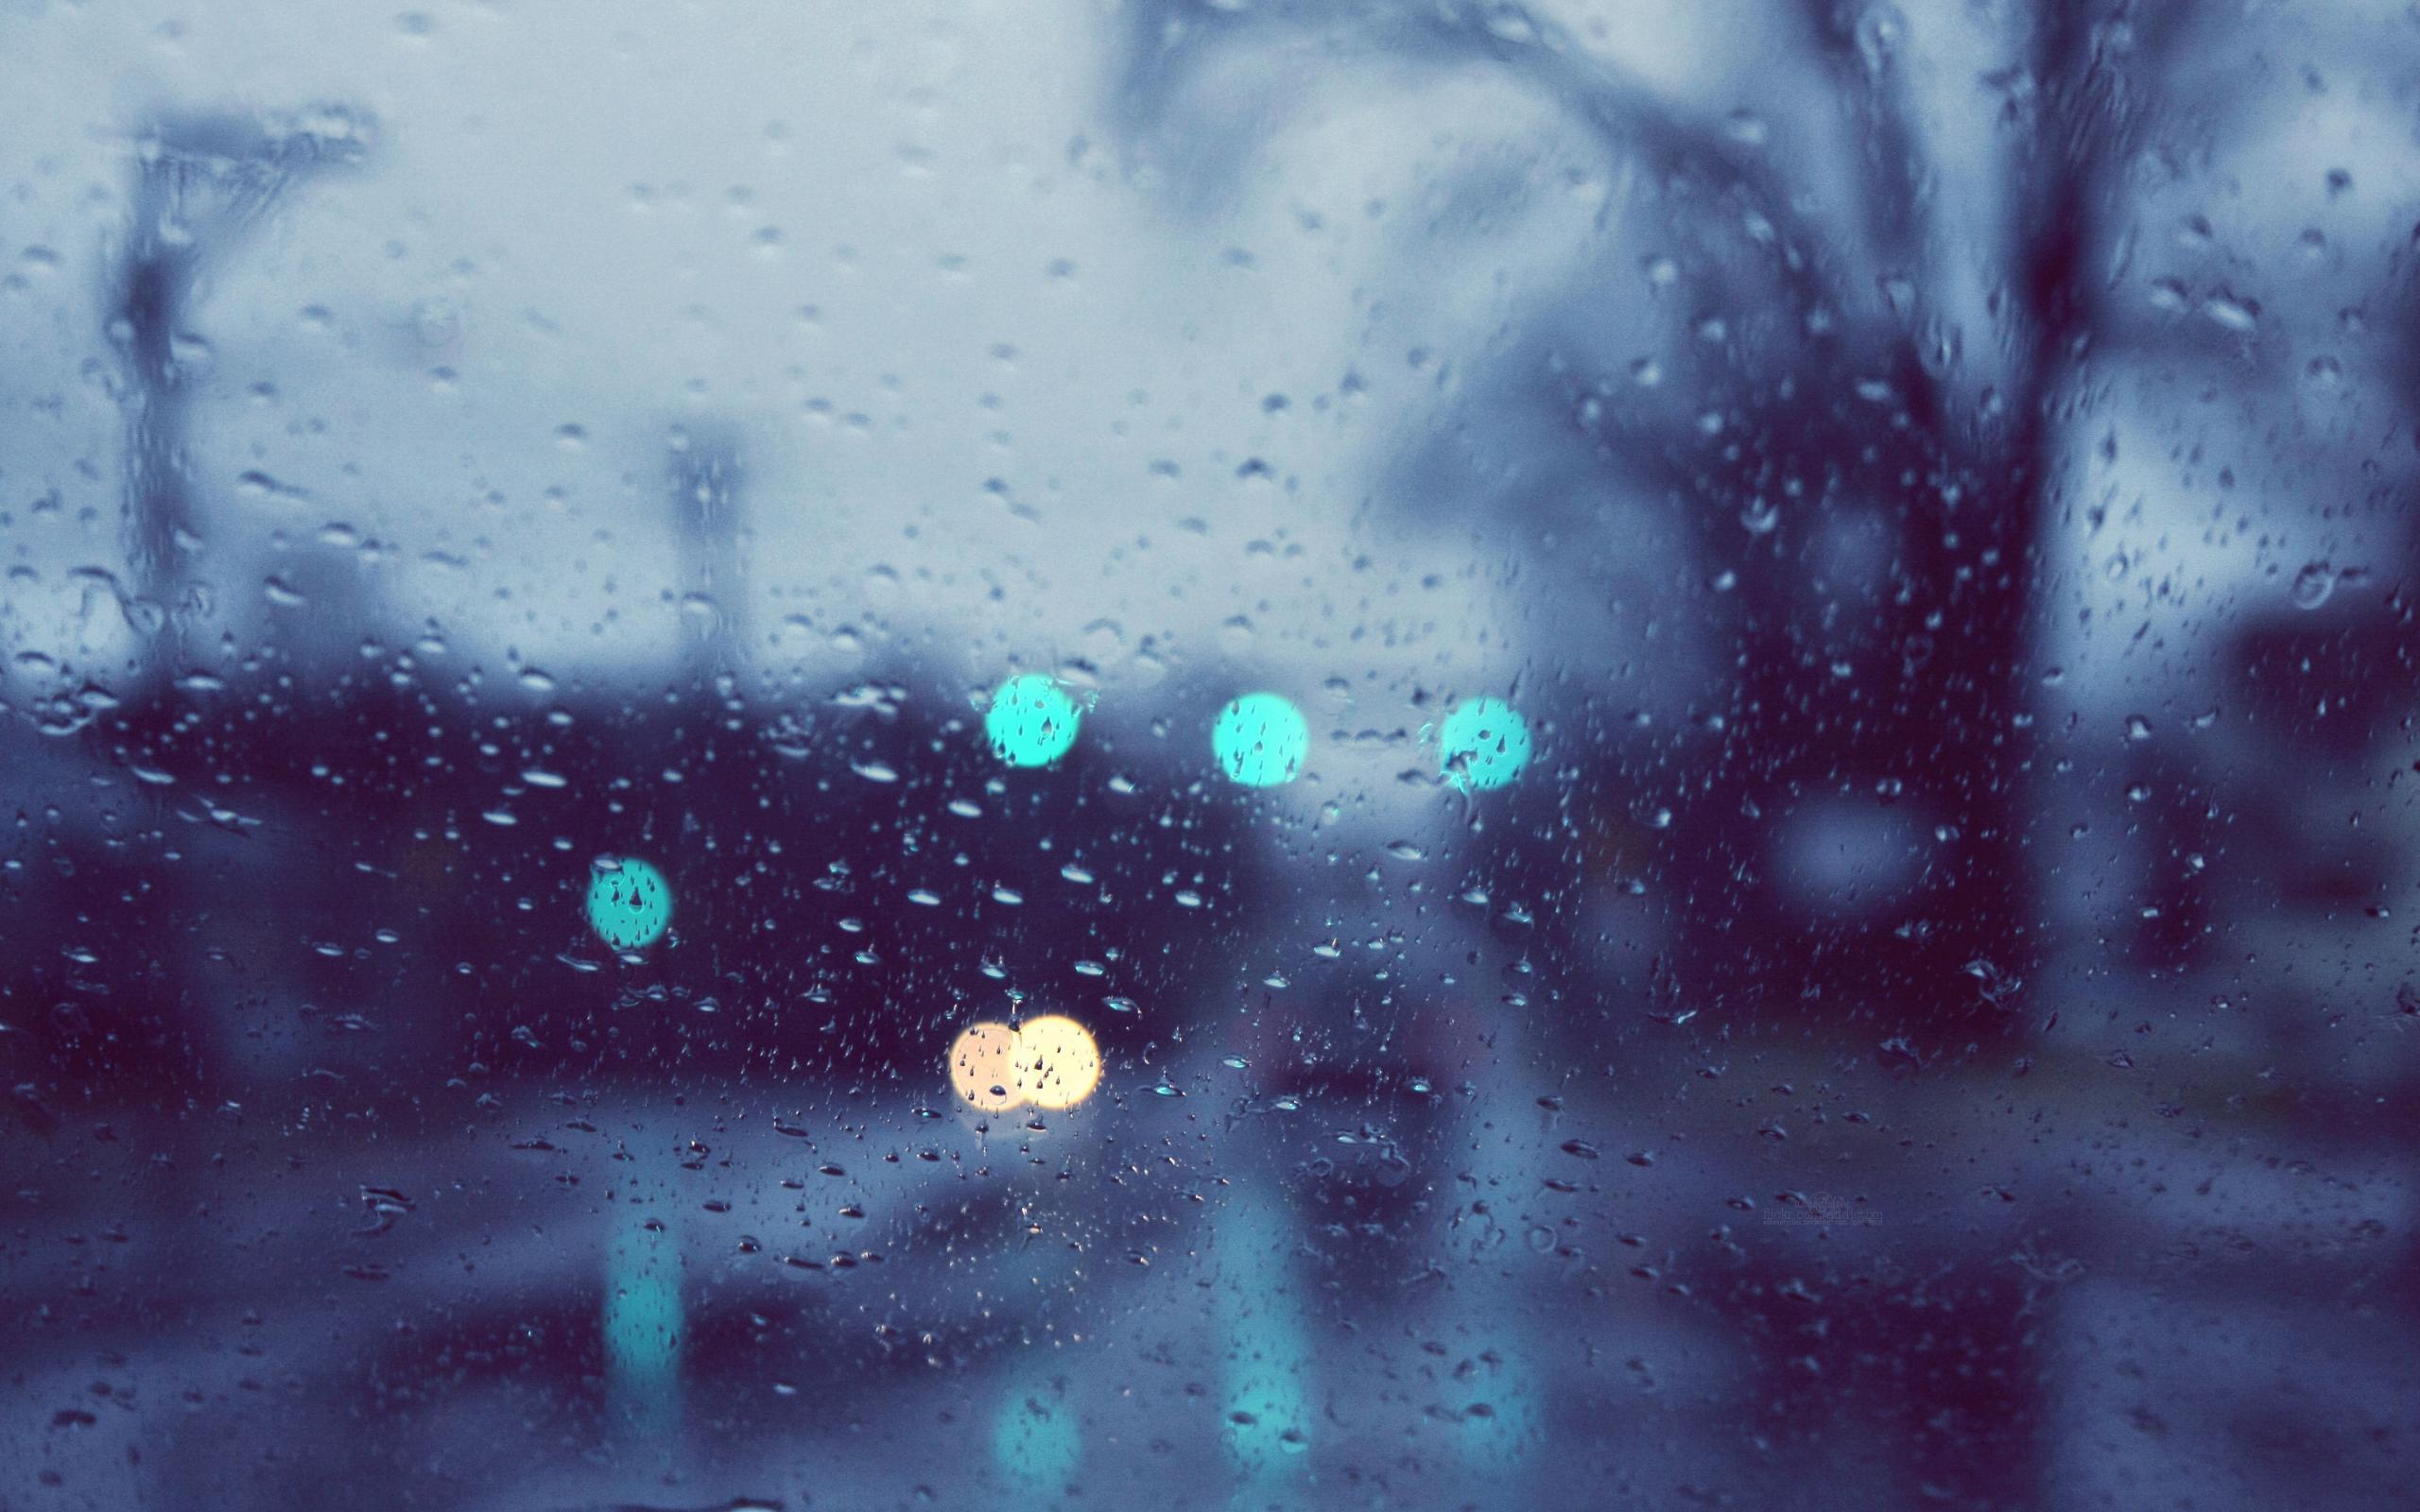 hacker wallpapers rainy day - photo #13